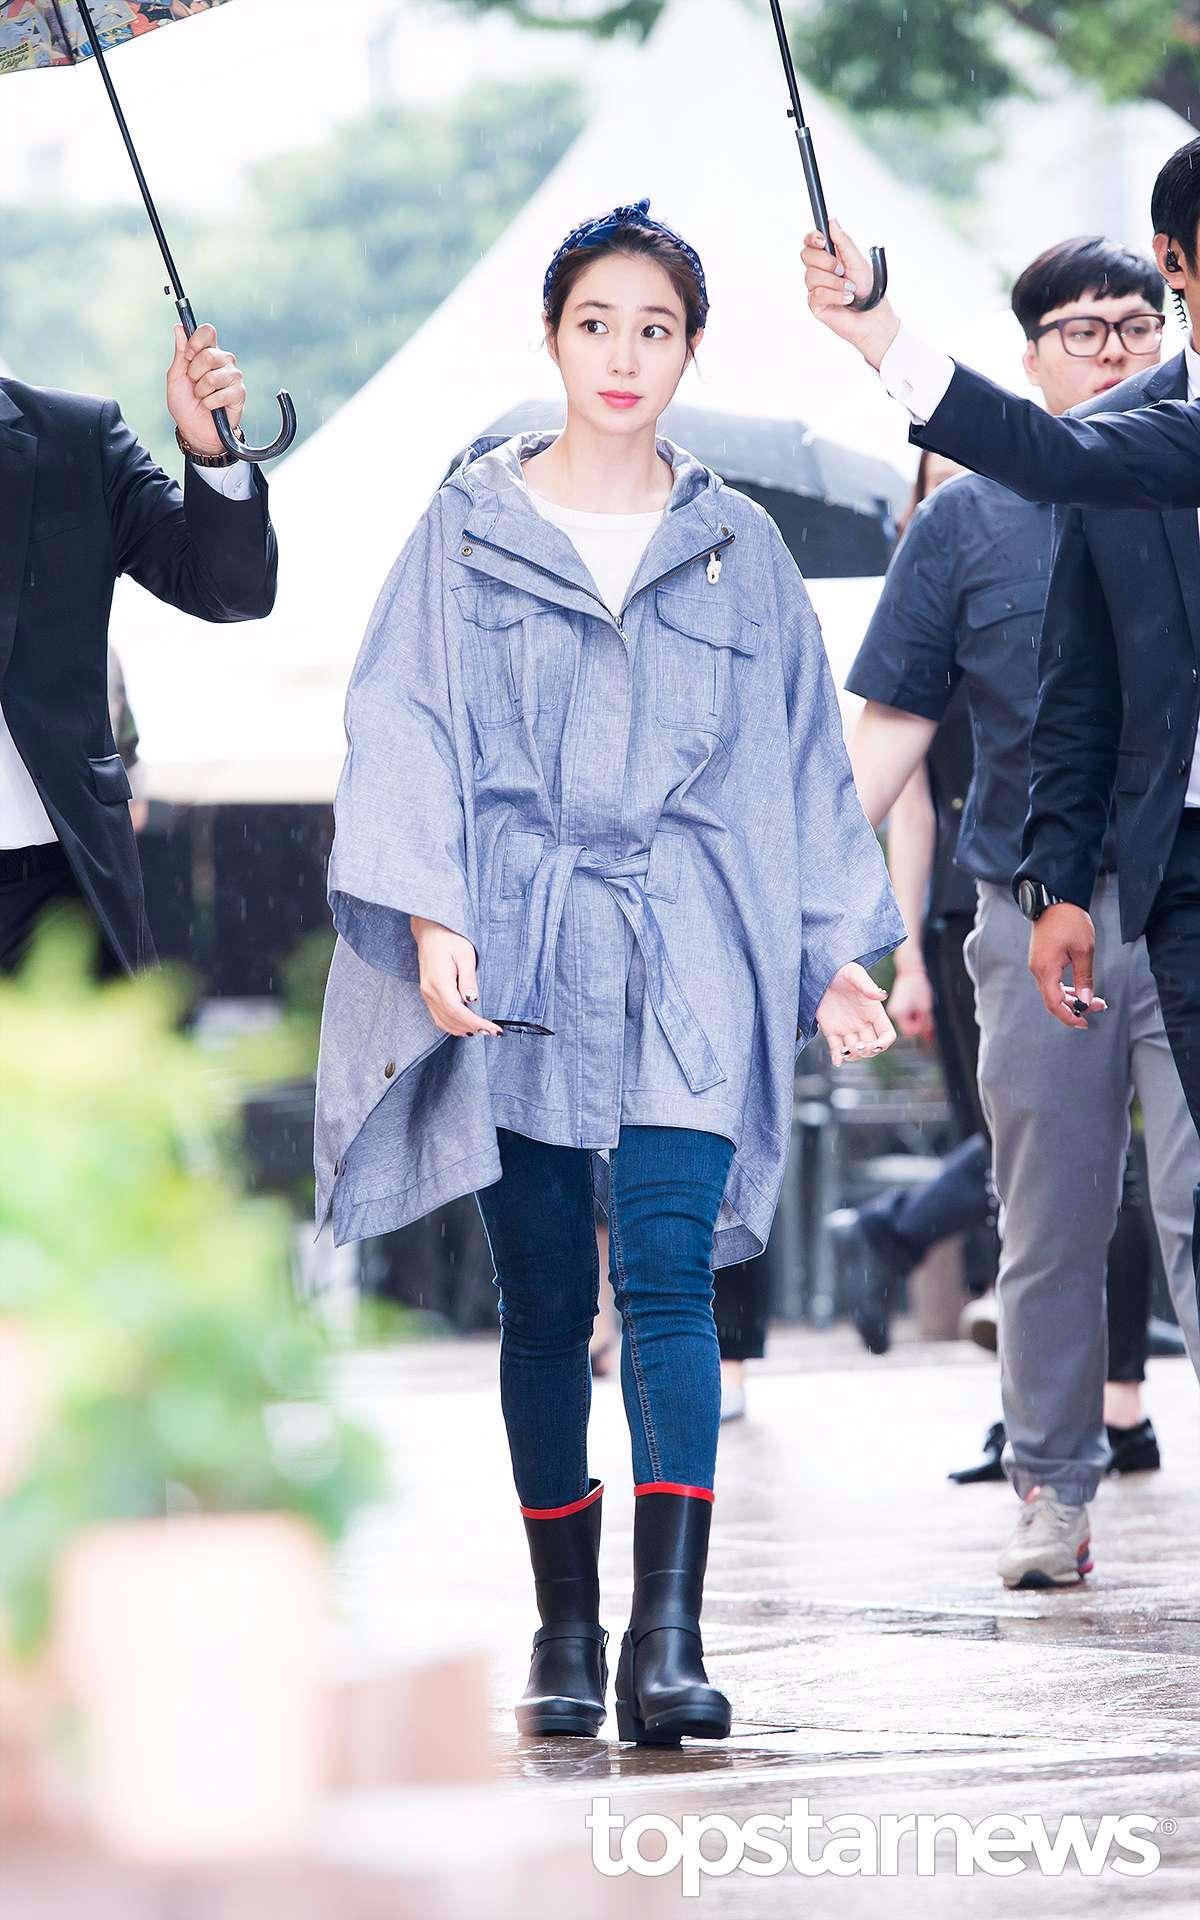 網友紛紛留言 -「穿斗篷式的風衣還能有這樣的好身材!」 -「能夠救活這件衣服的人應該也只有李珉廷了吧!」 -「果然時尚的完成度是靠臉....」